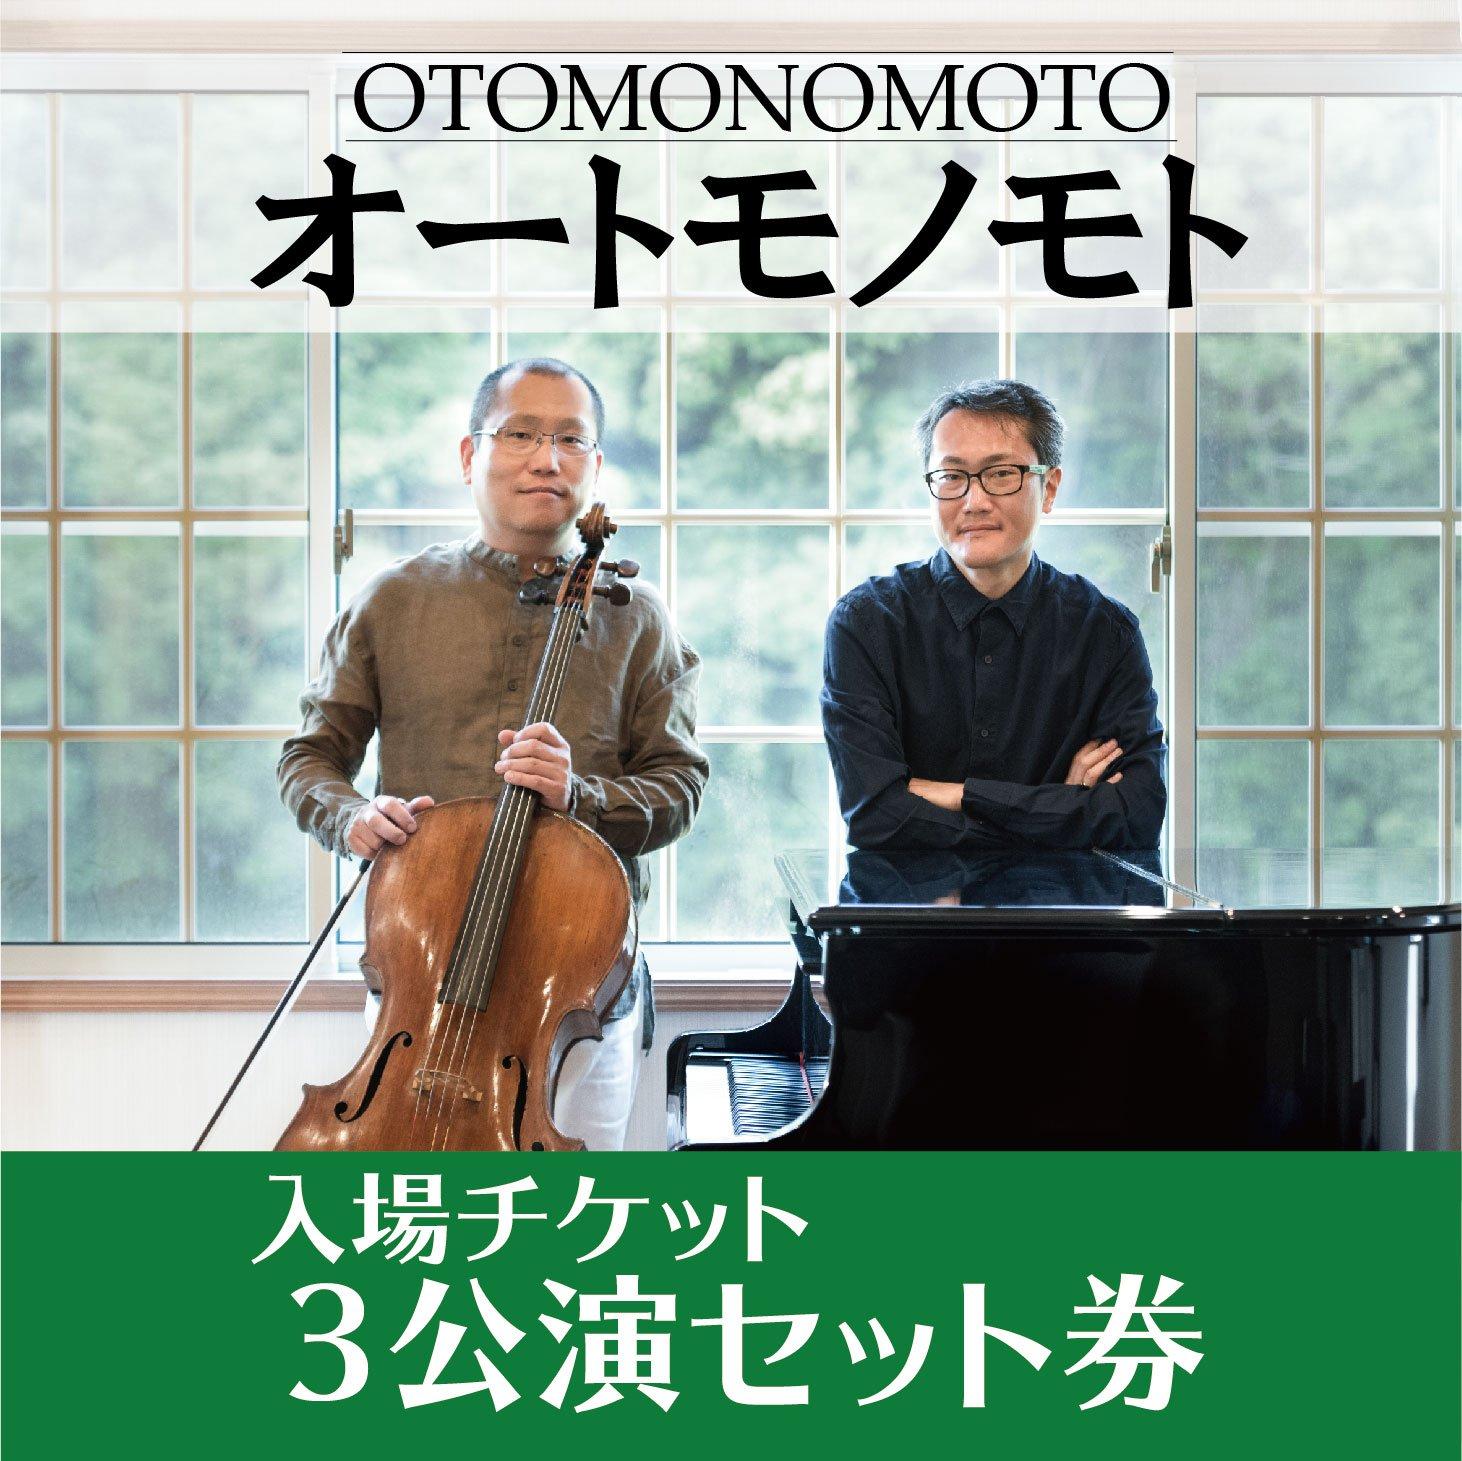 オートモノモト コンサート  10/6(水)3公演セット券のイメージその1